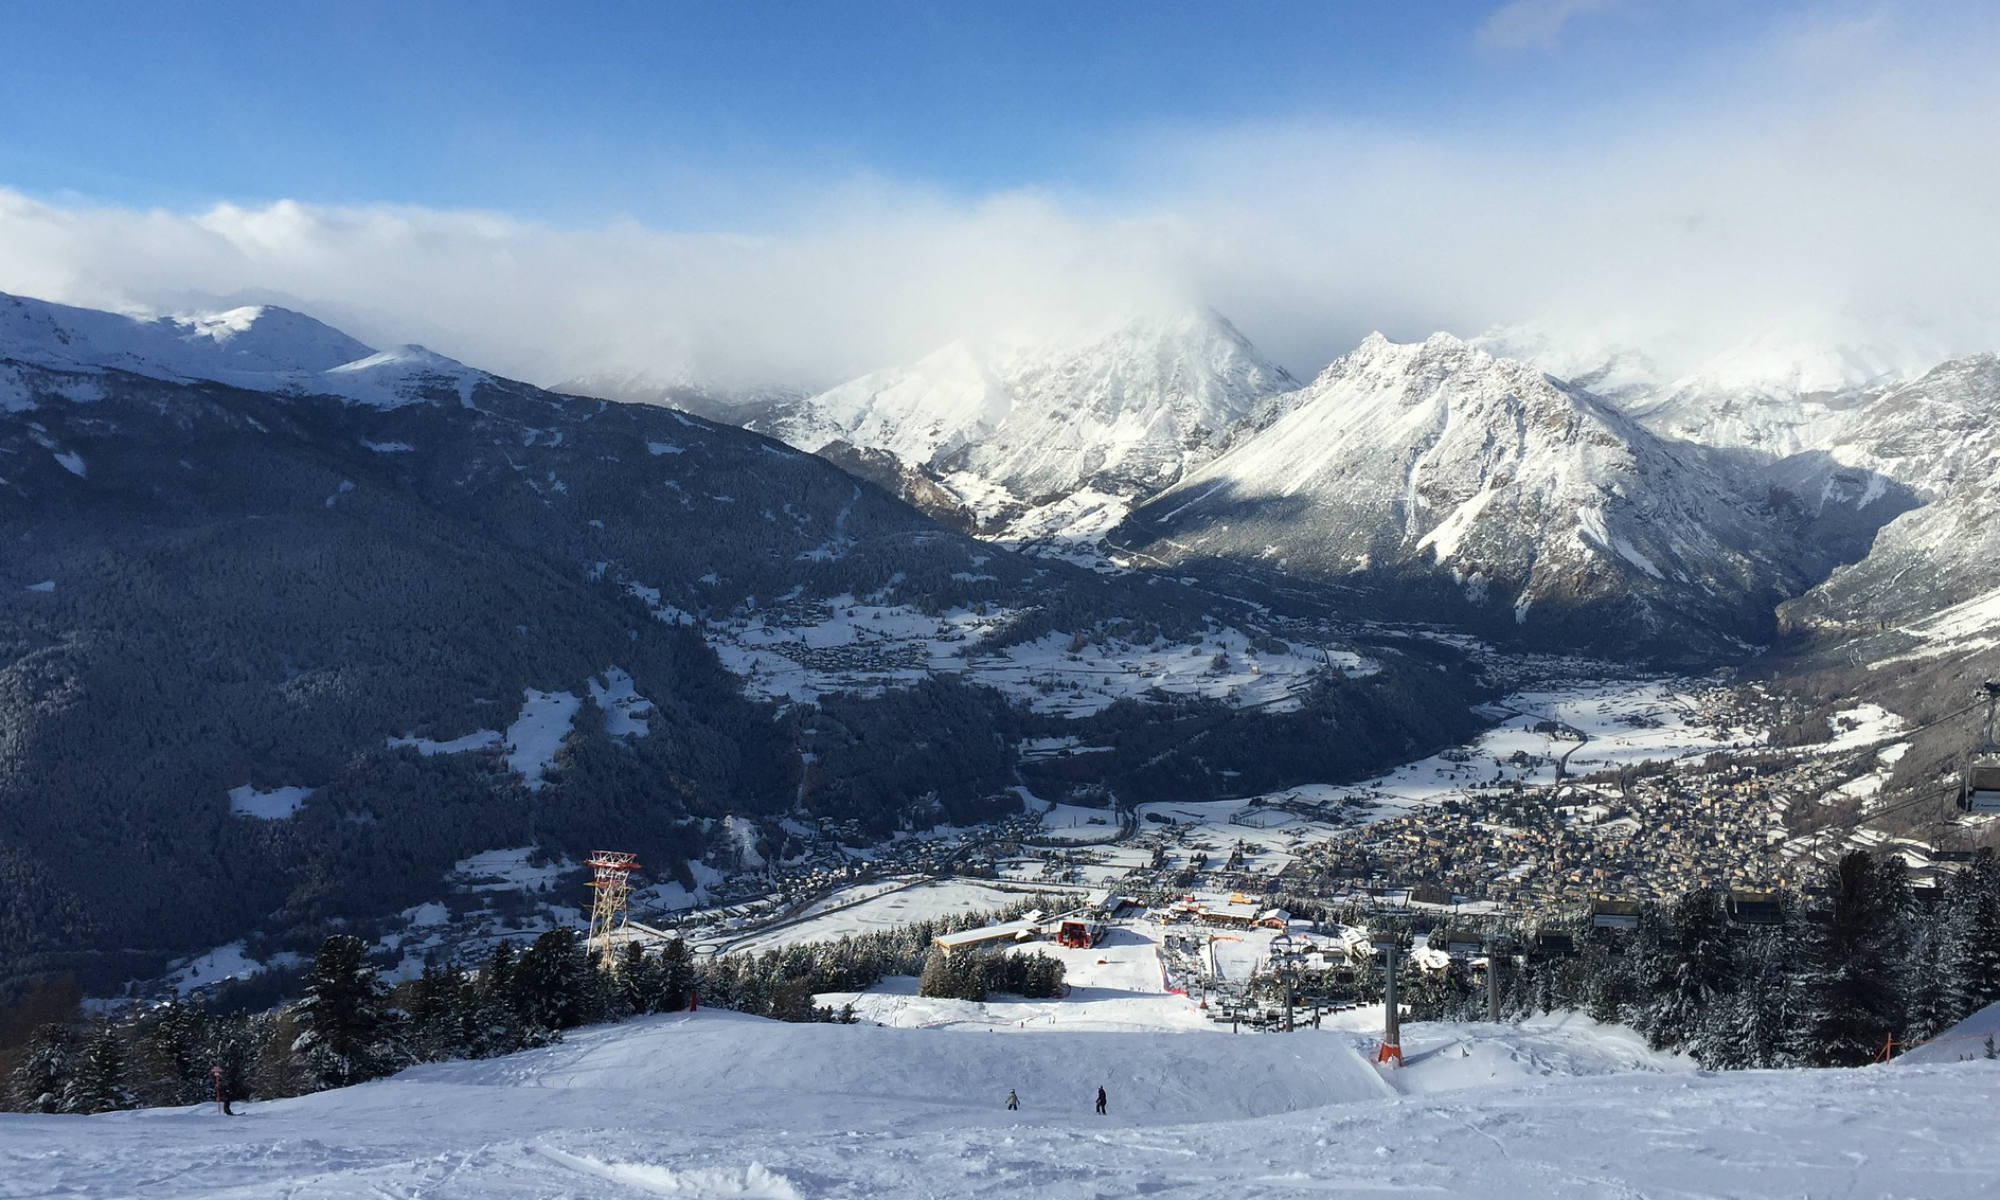 Le piste di Livigno sono lunghe e ottime per sciare.